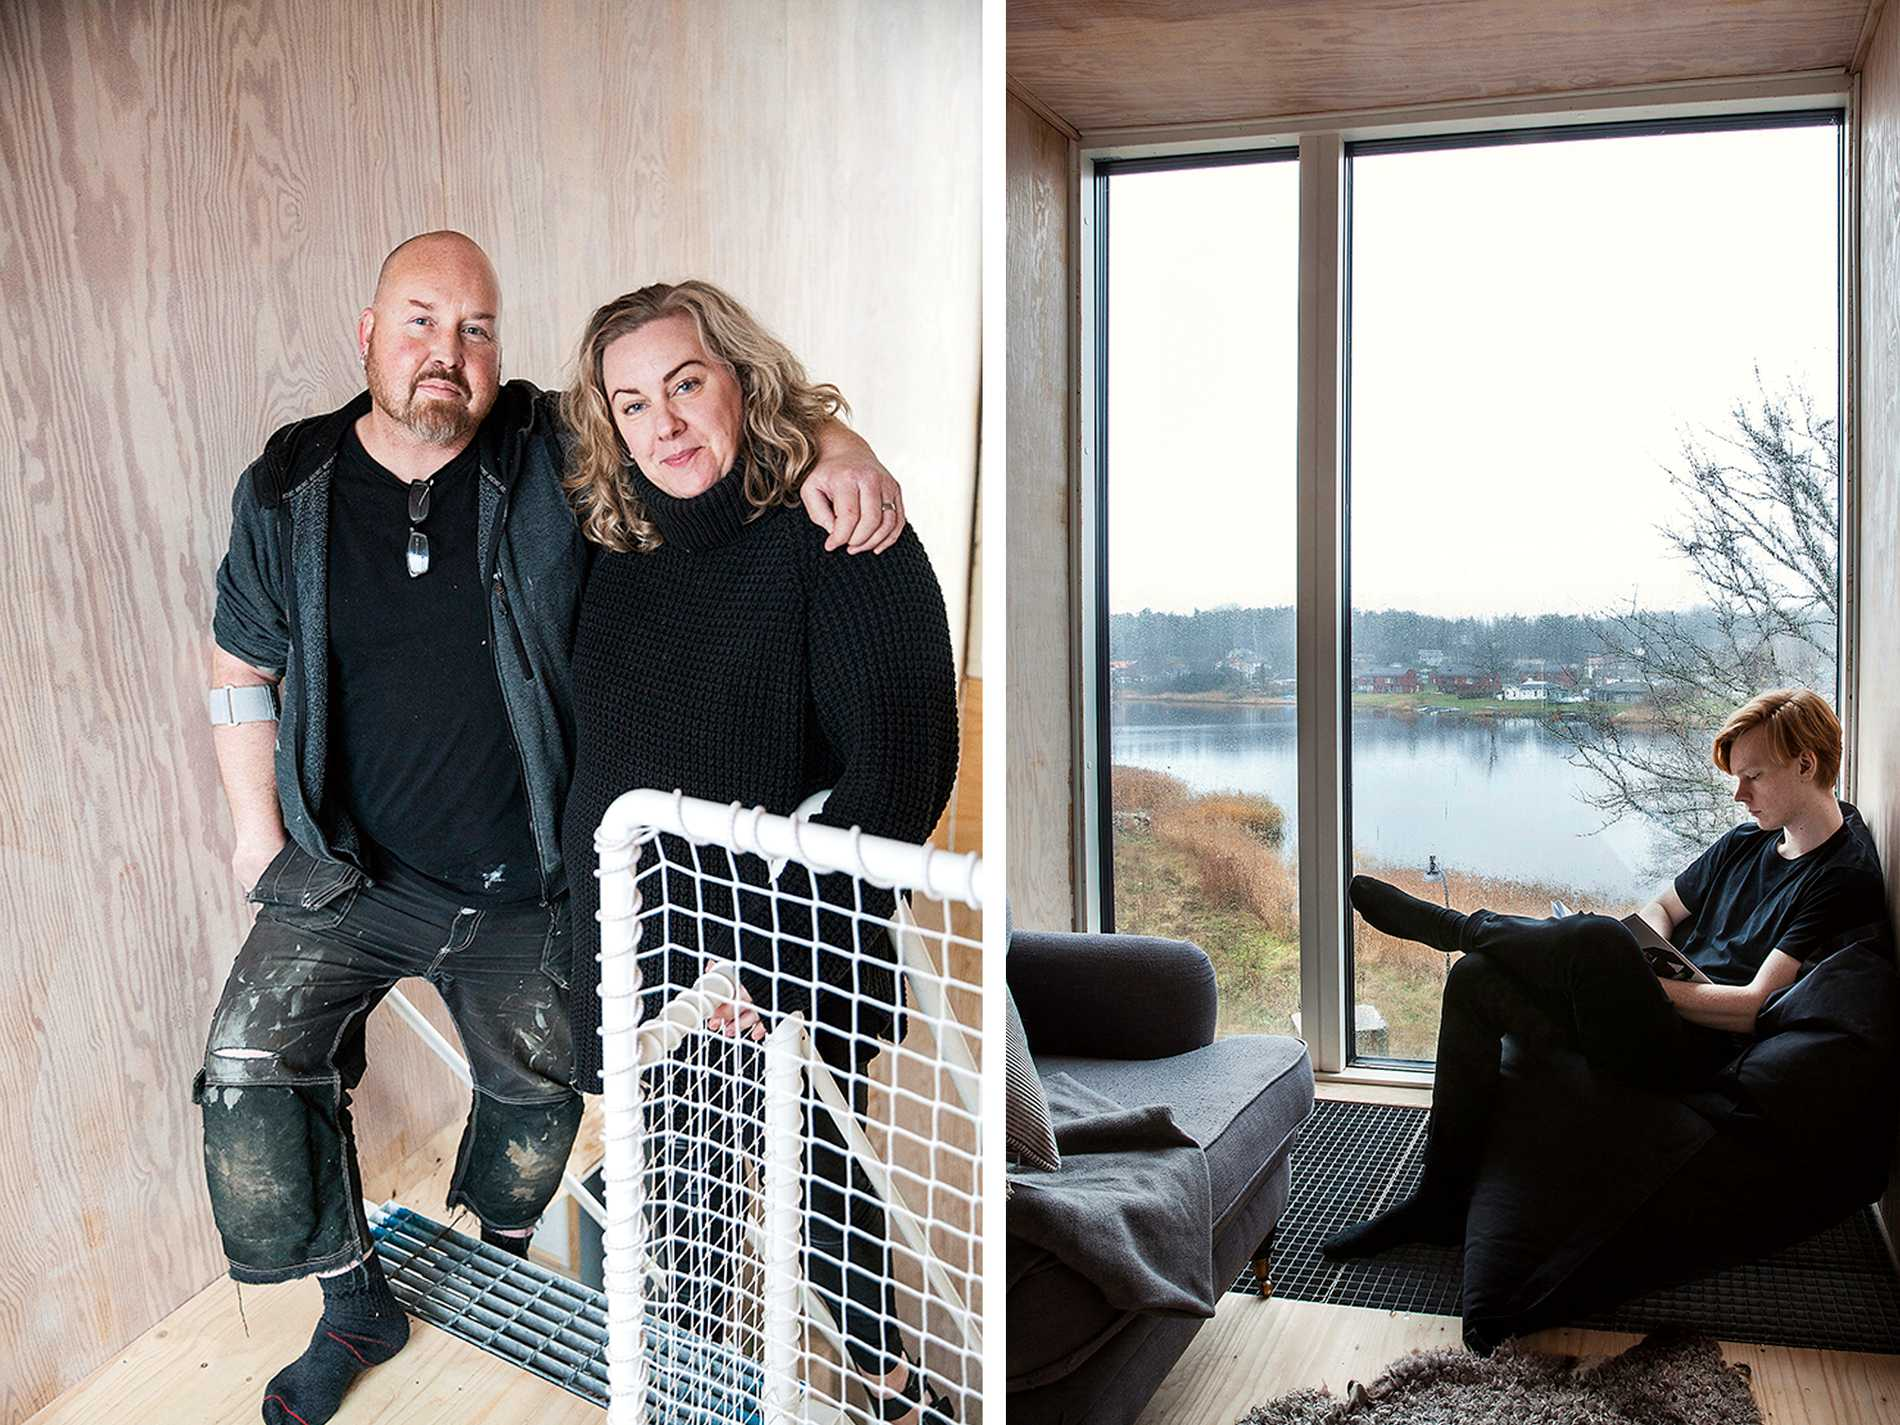 Thomas och Linda har byggt Sveriges första permanentboende av  containrar. Isak läser i örnnästet med utsikt över sjön. Härifrån är det 15 meter ner till vägen nedanför. Gallerdurken finns även i trappan till övervåningen och i hyllorna i köket.